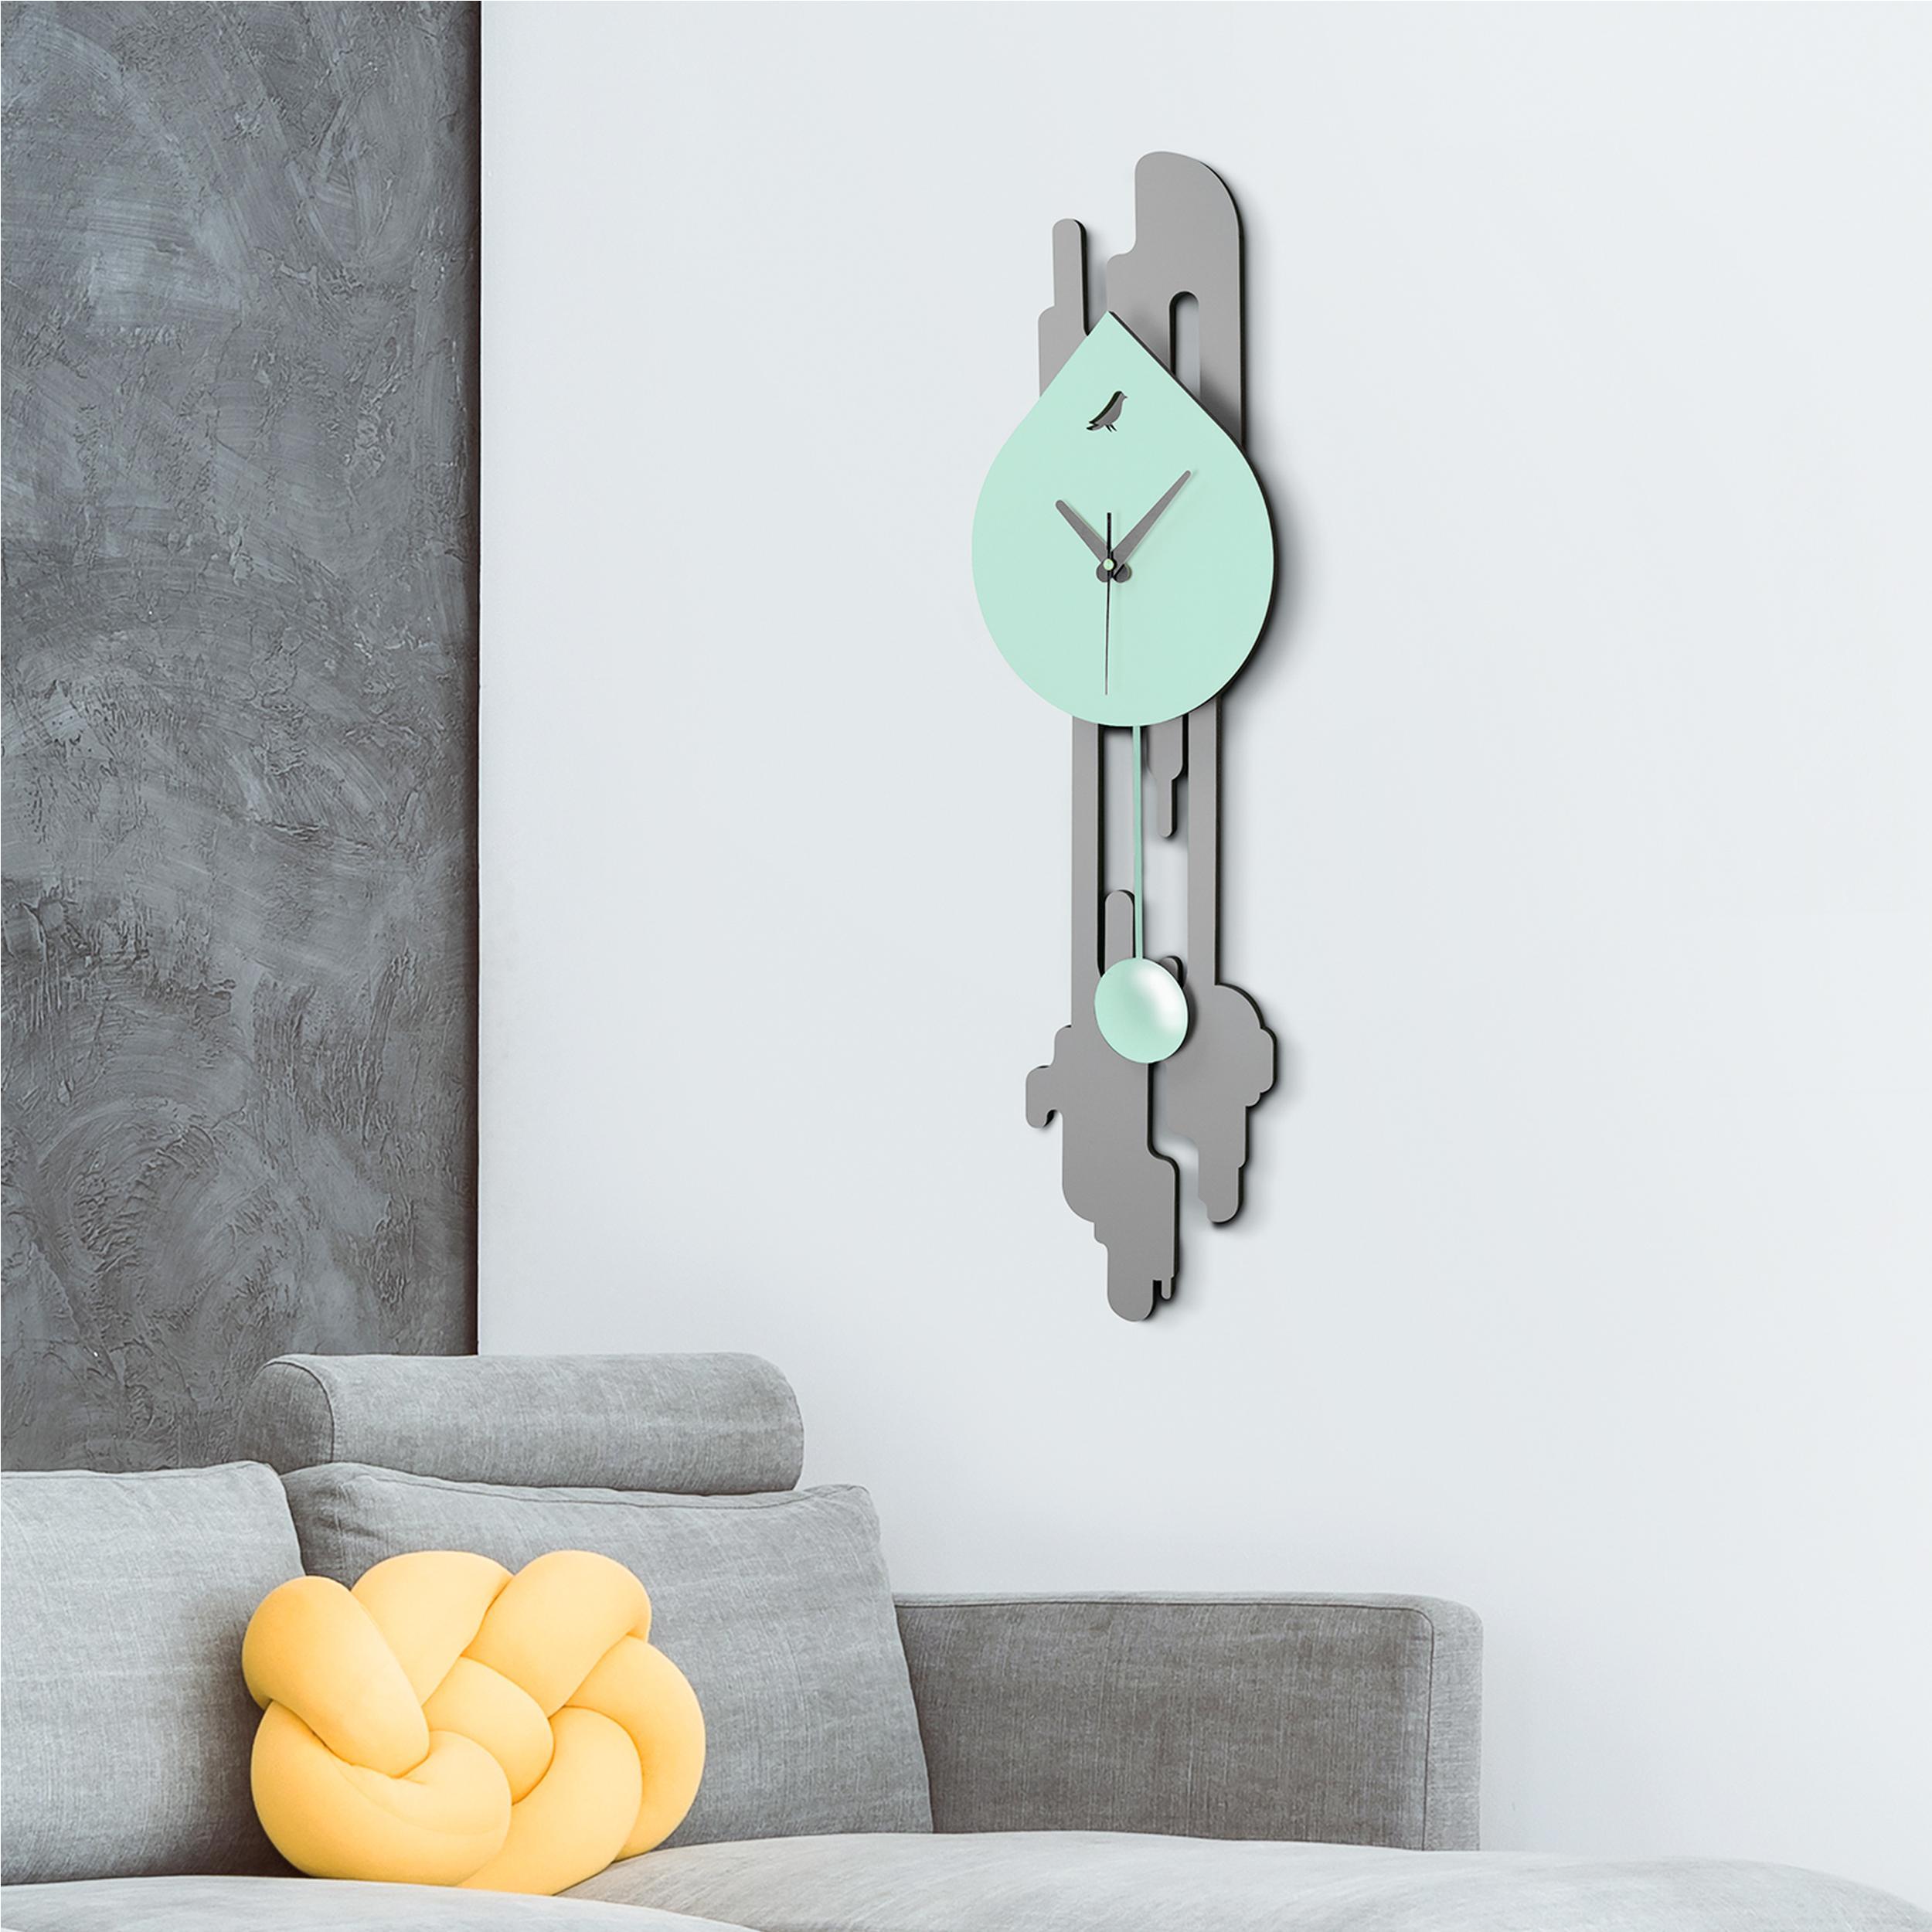 Nero 3D Design Orologio da parete Orologio da cucina Orologio del bagno Orologio da ufficio Decorazione parete Cameretta dei bambini Mela